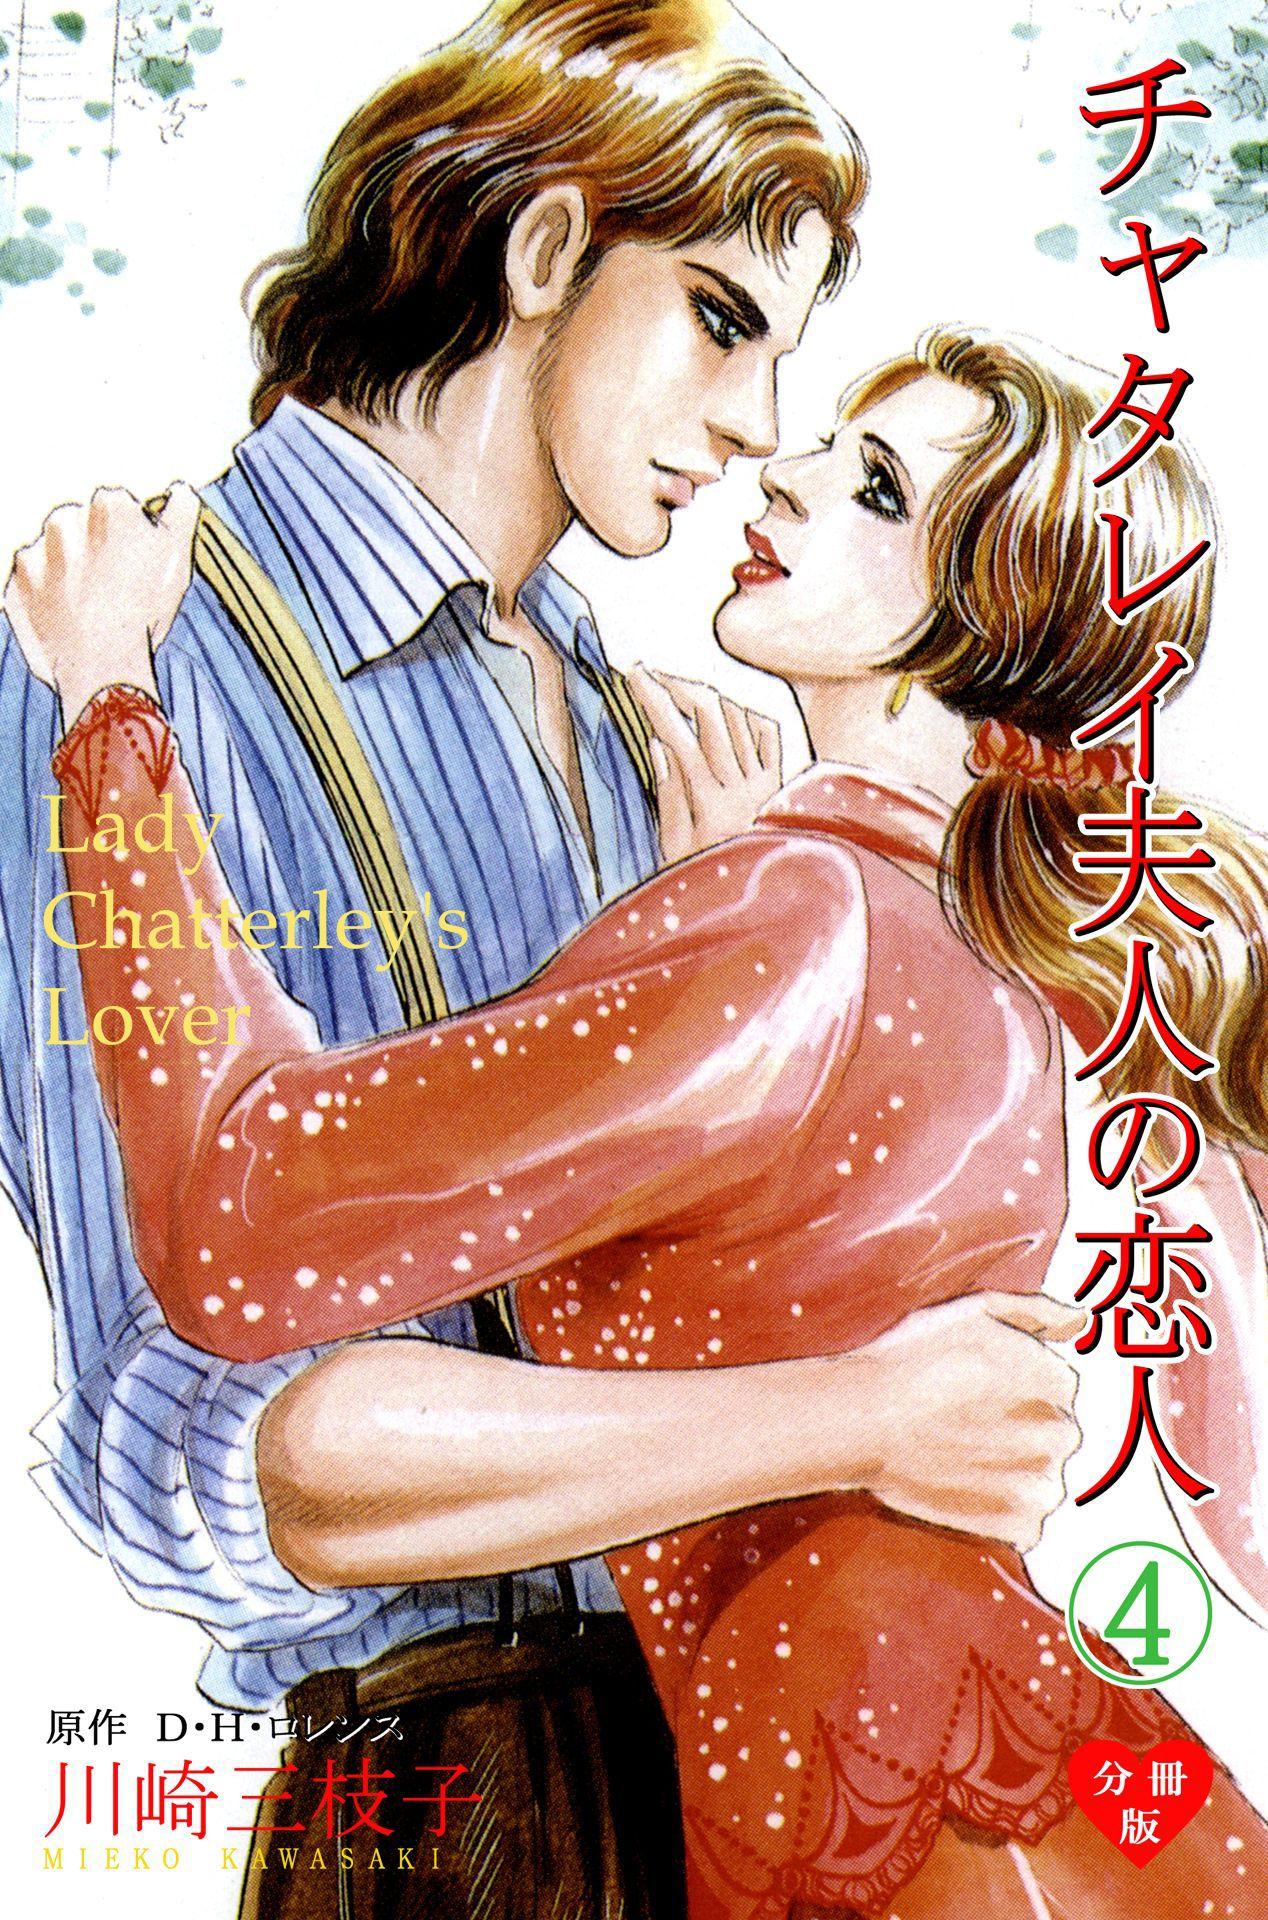 チャタレイ夫人の恋人【分冊版】(第4巻)